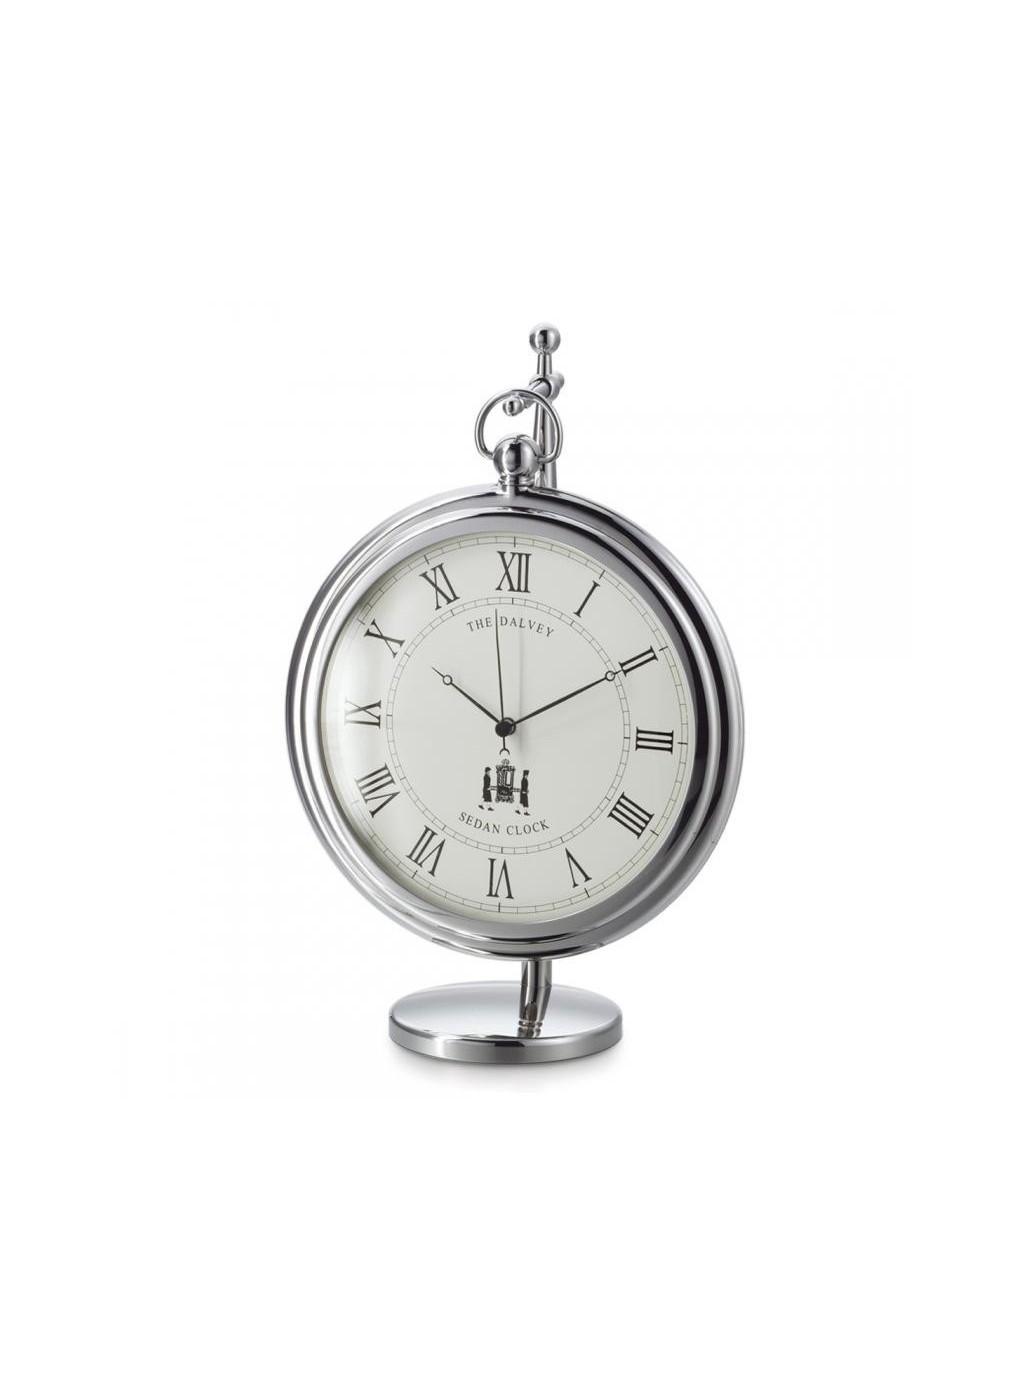 Dalvey orologio da scrivania tabaccheria corti lecco - Dalvey orologio da tavolo ...